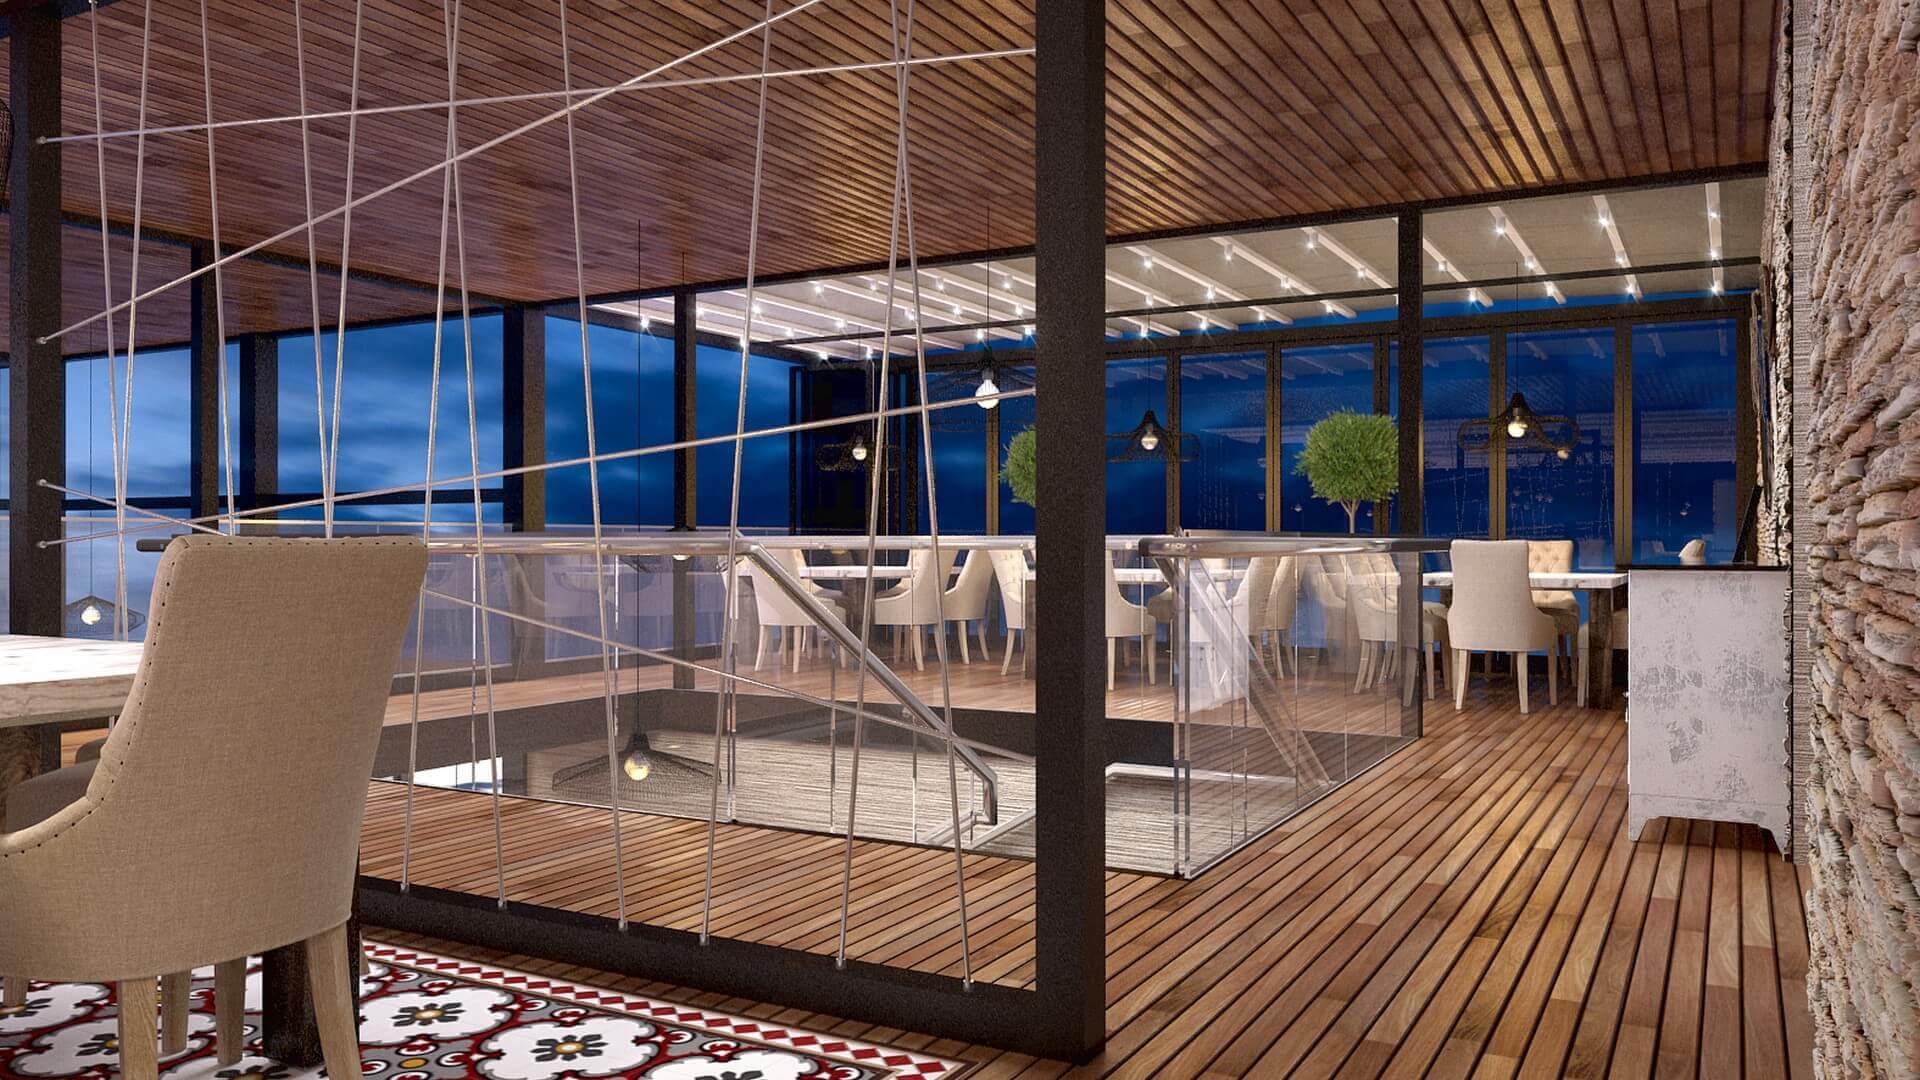 restoran tasarımı 2095 Iskenderun Restoran Restoranlar